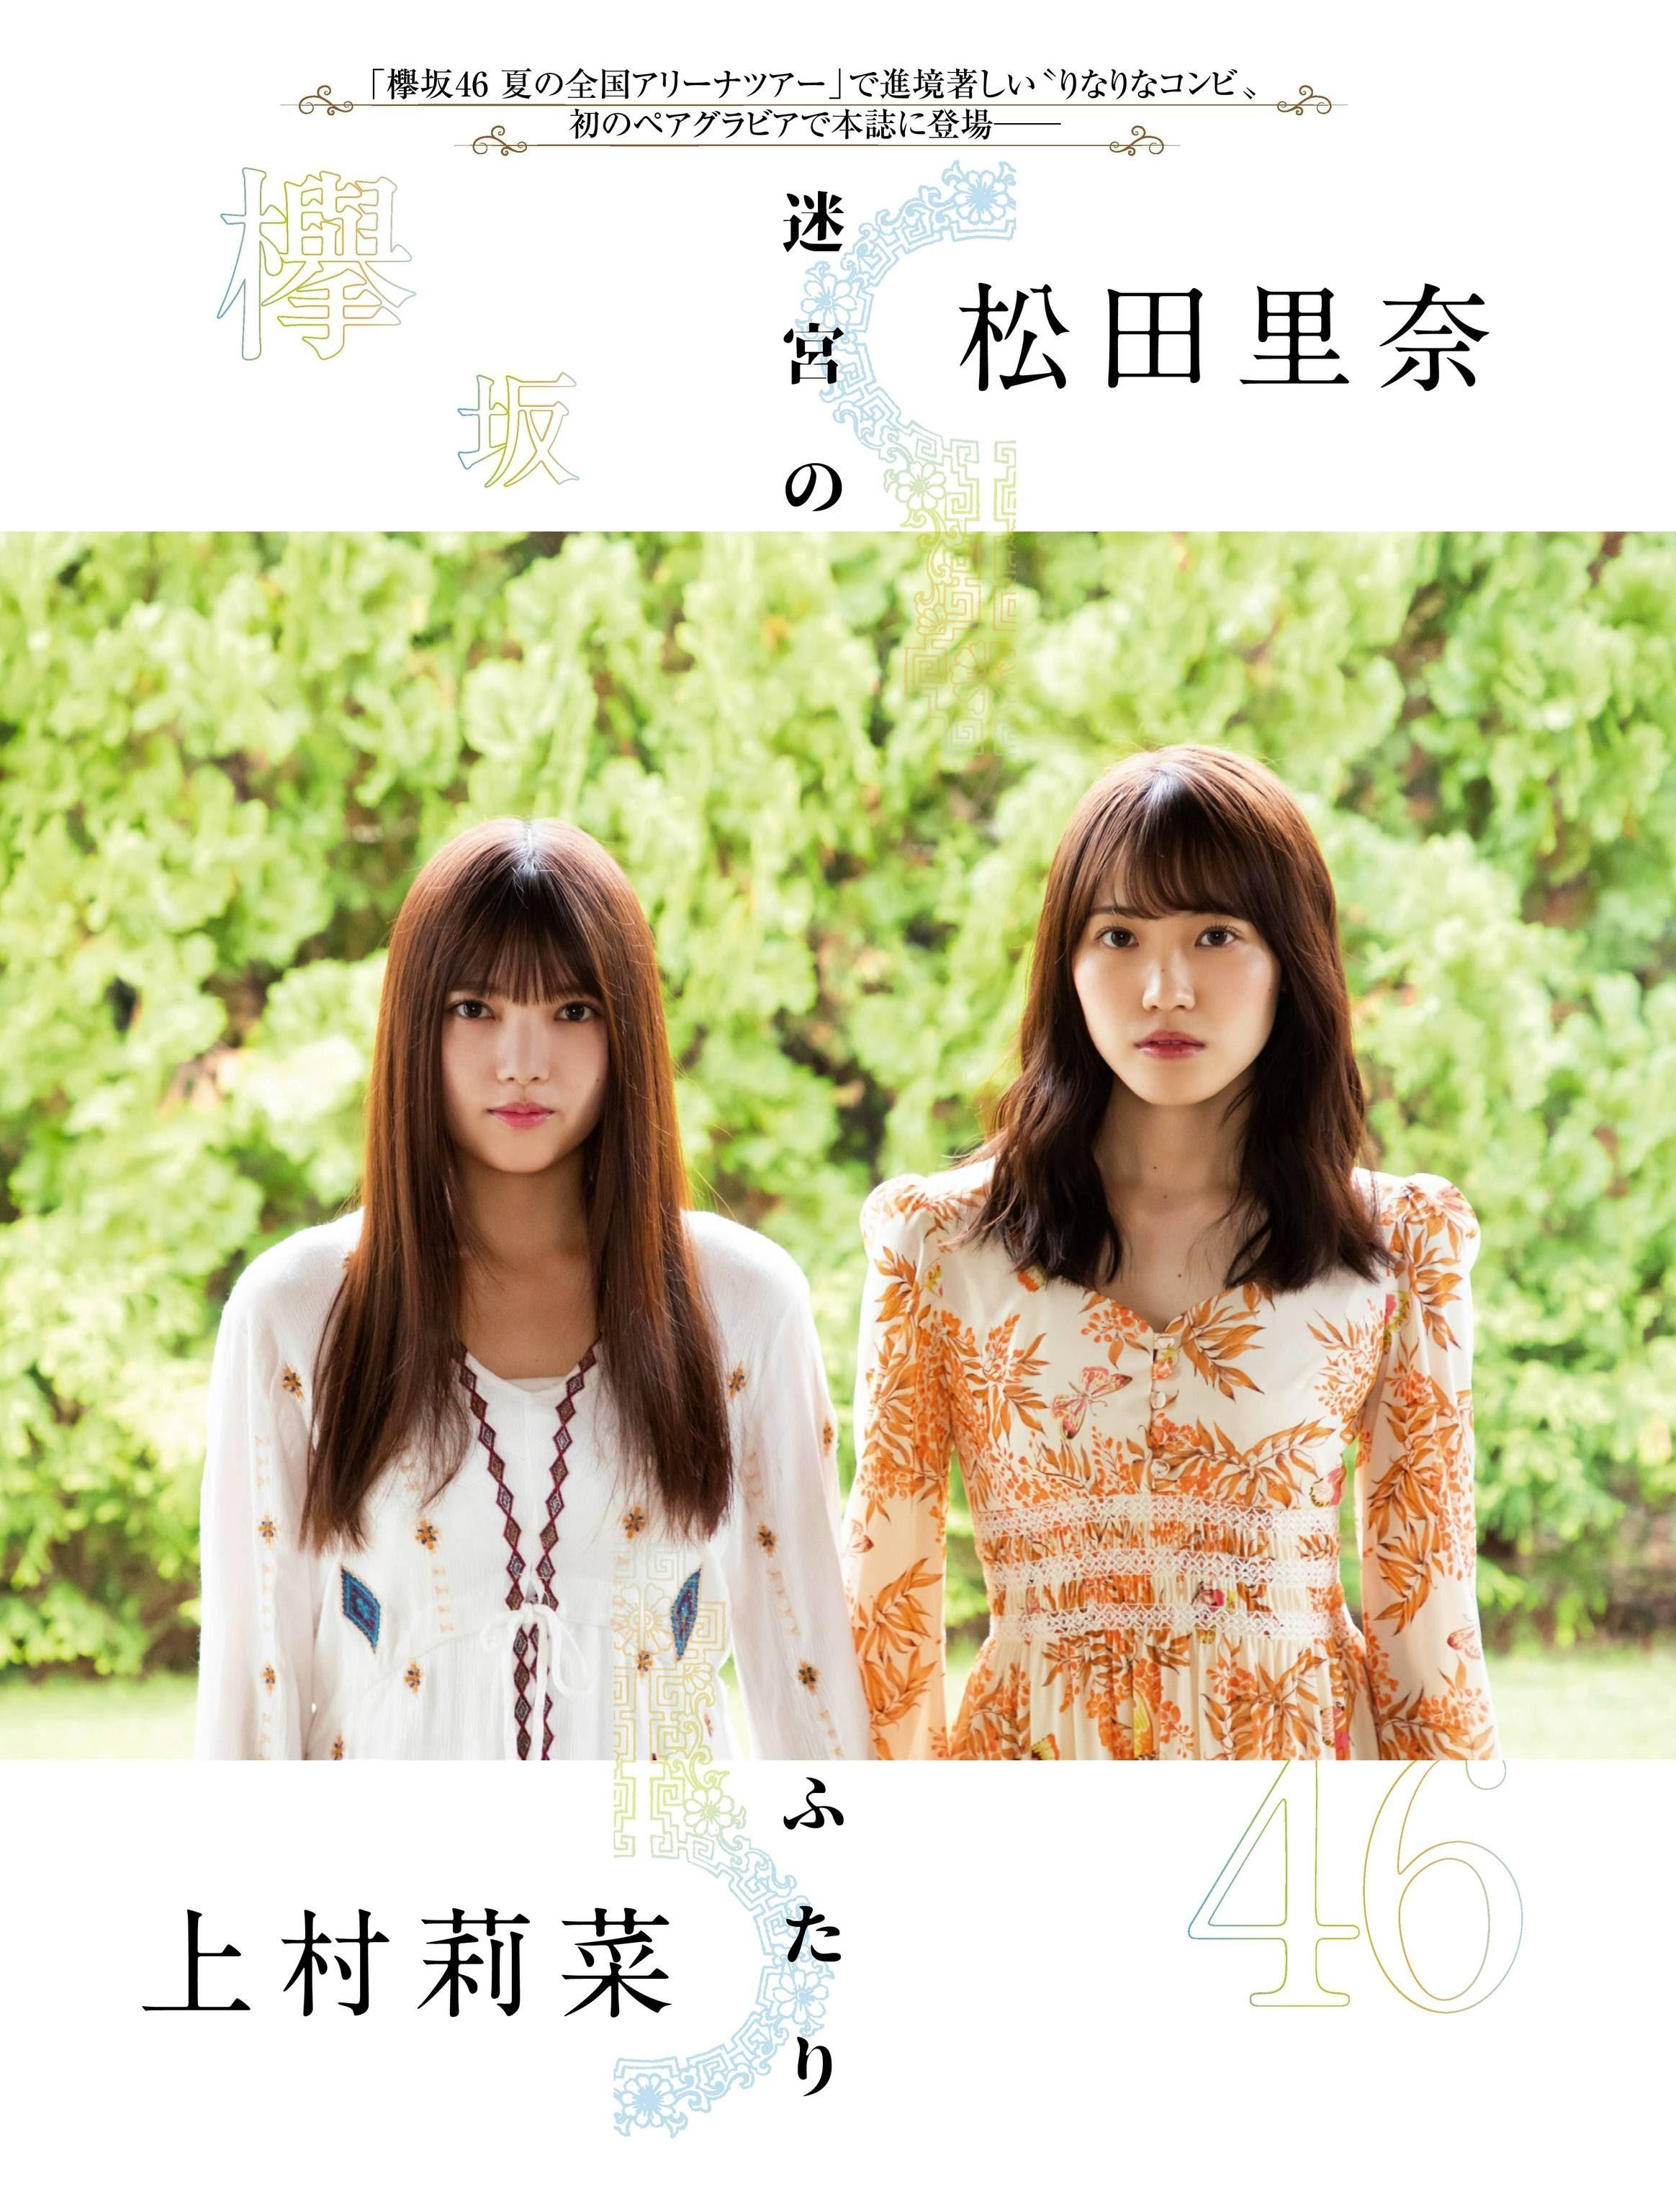 04-Rina Uemura x Rina Matsuda (1)